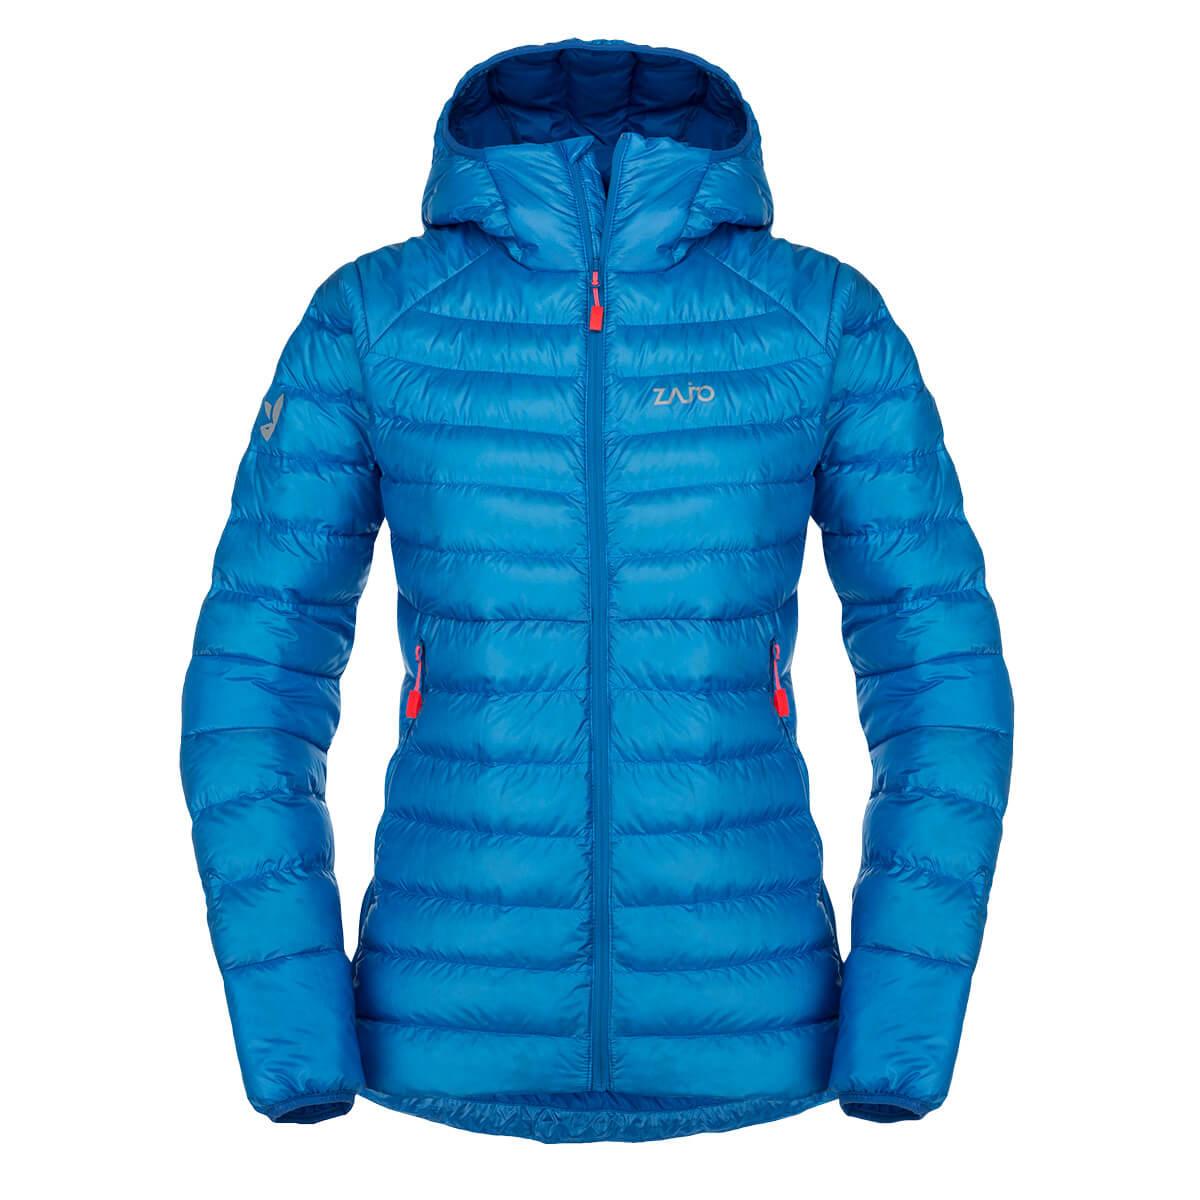 Dámska bunda Zajo Livigno W JKT Greek Blue - veľkosť XS